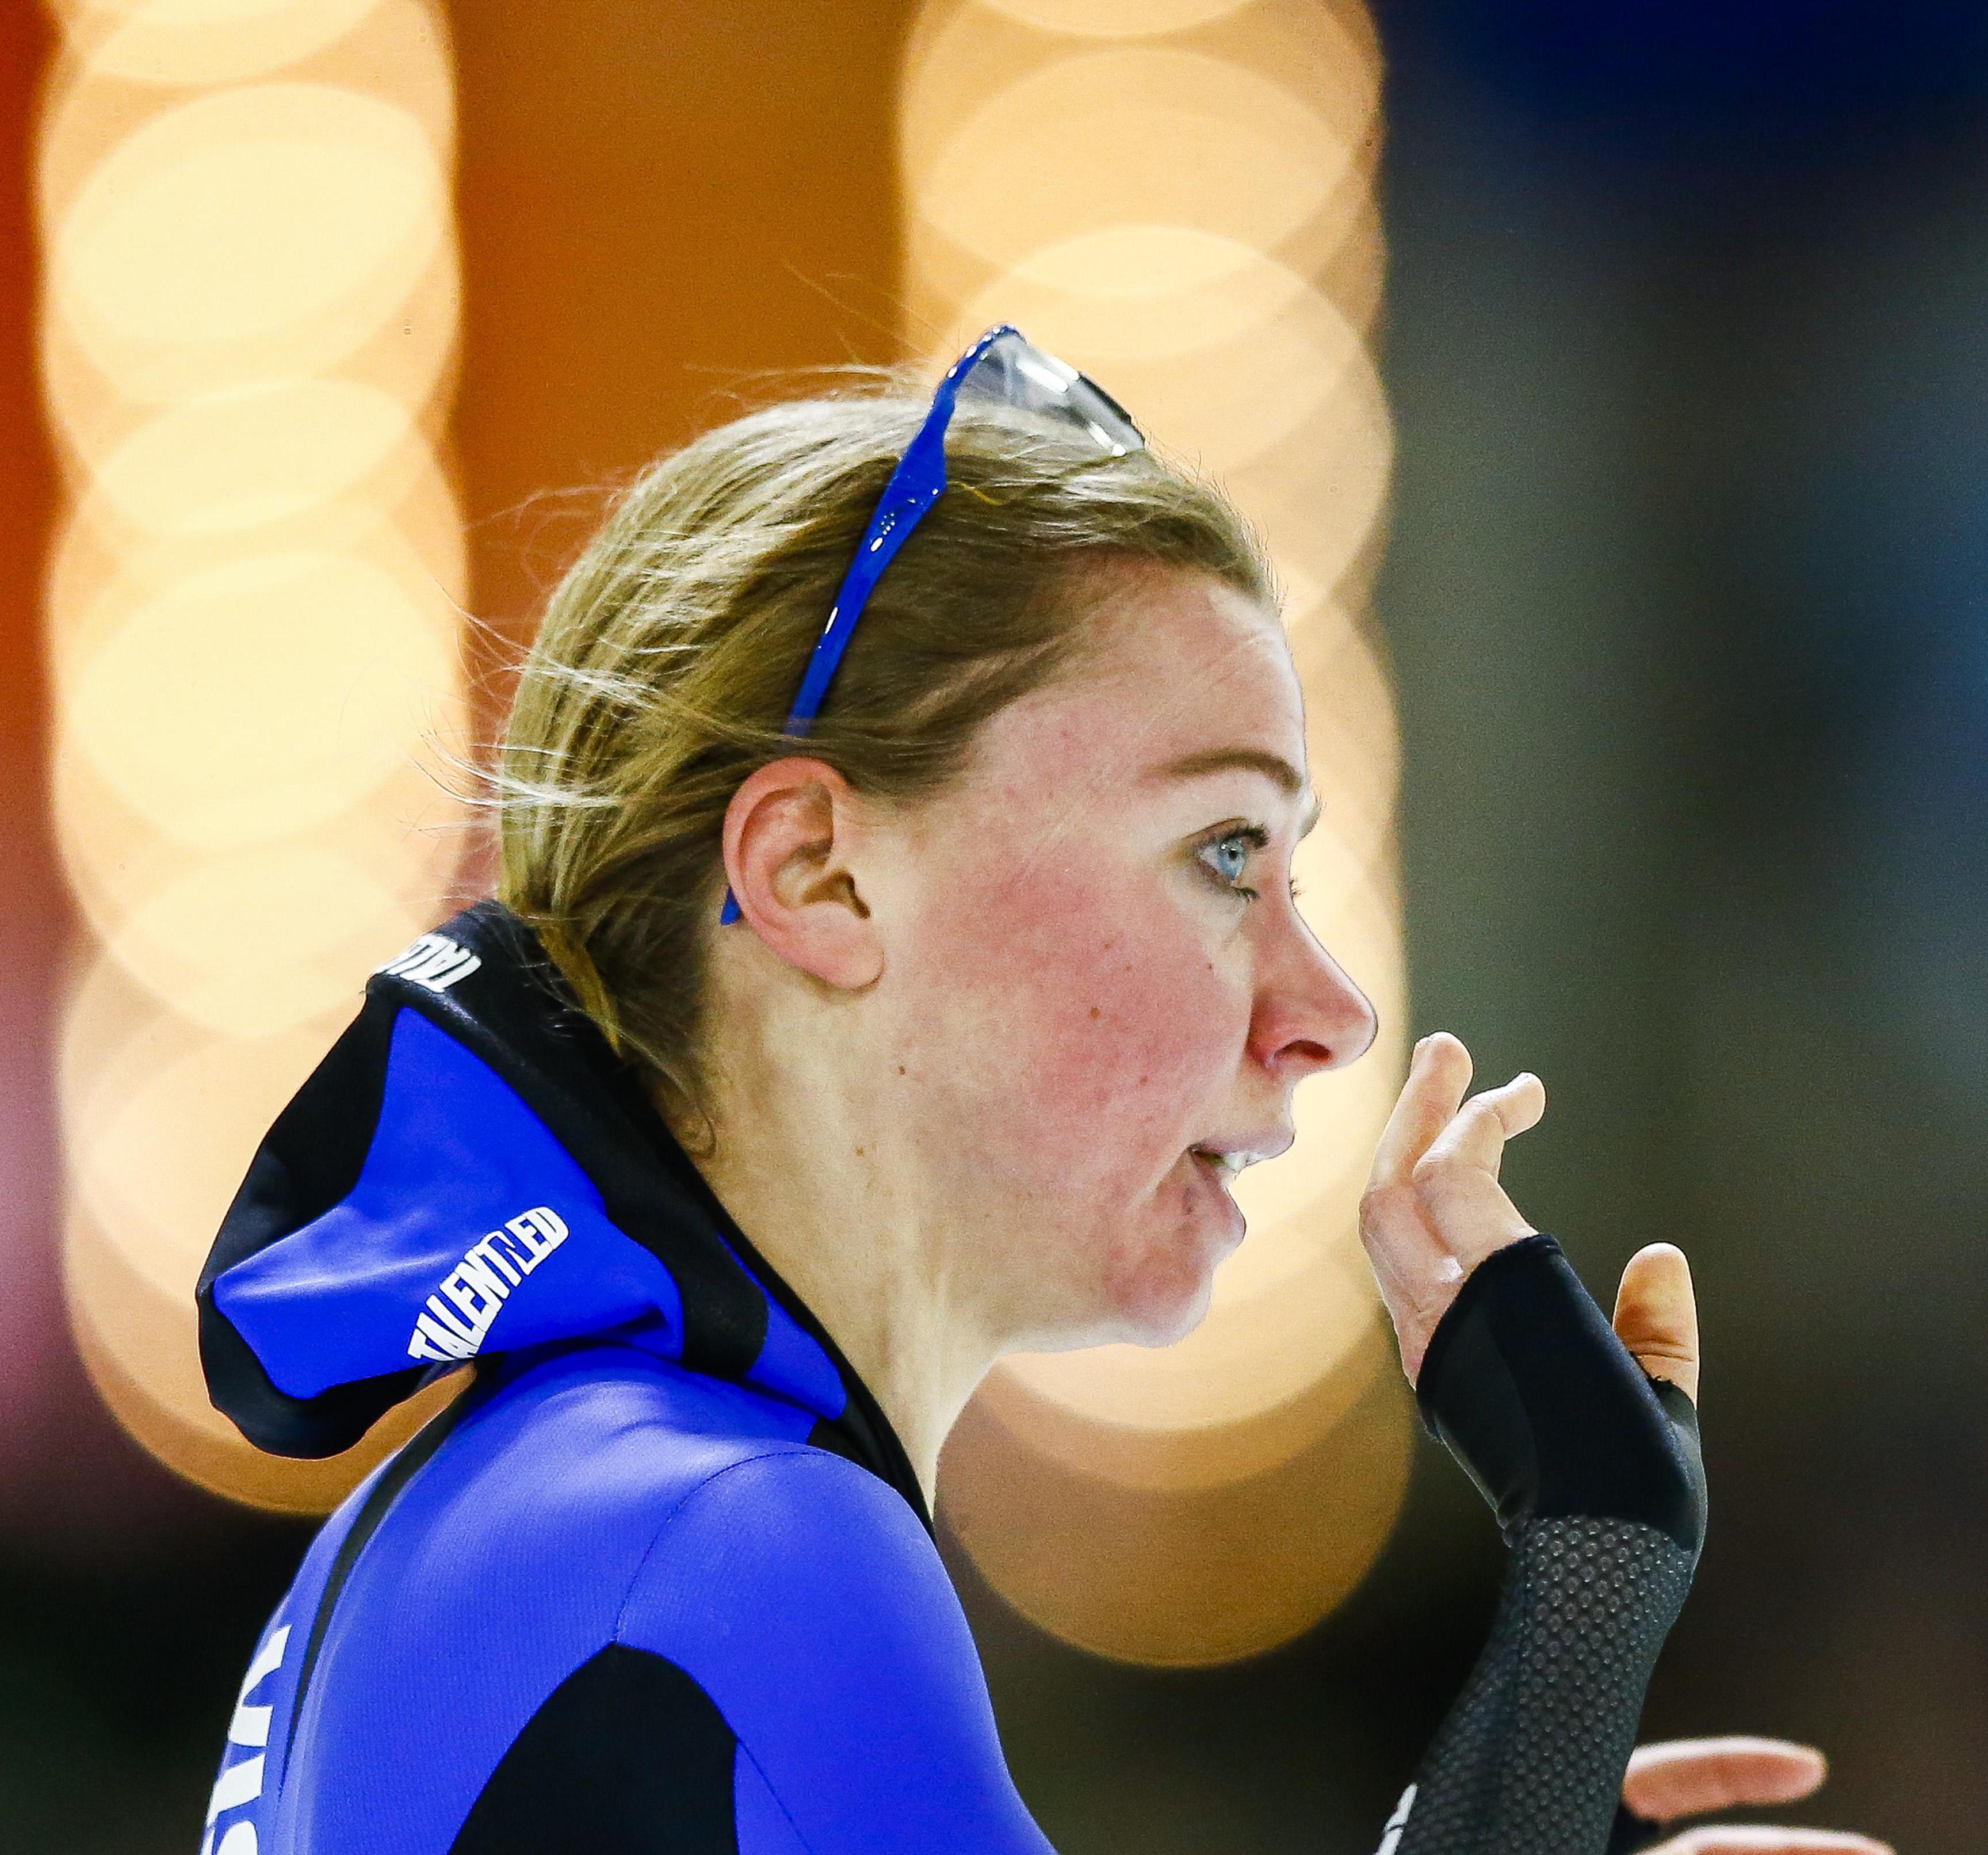 Schaatsster Visser wint ook 5000 m op NK afstanden